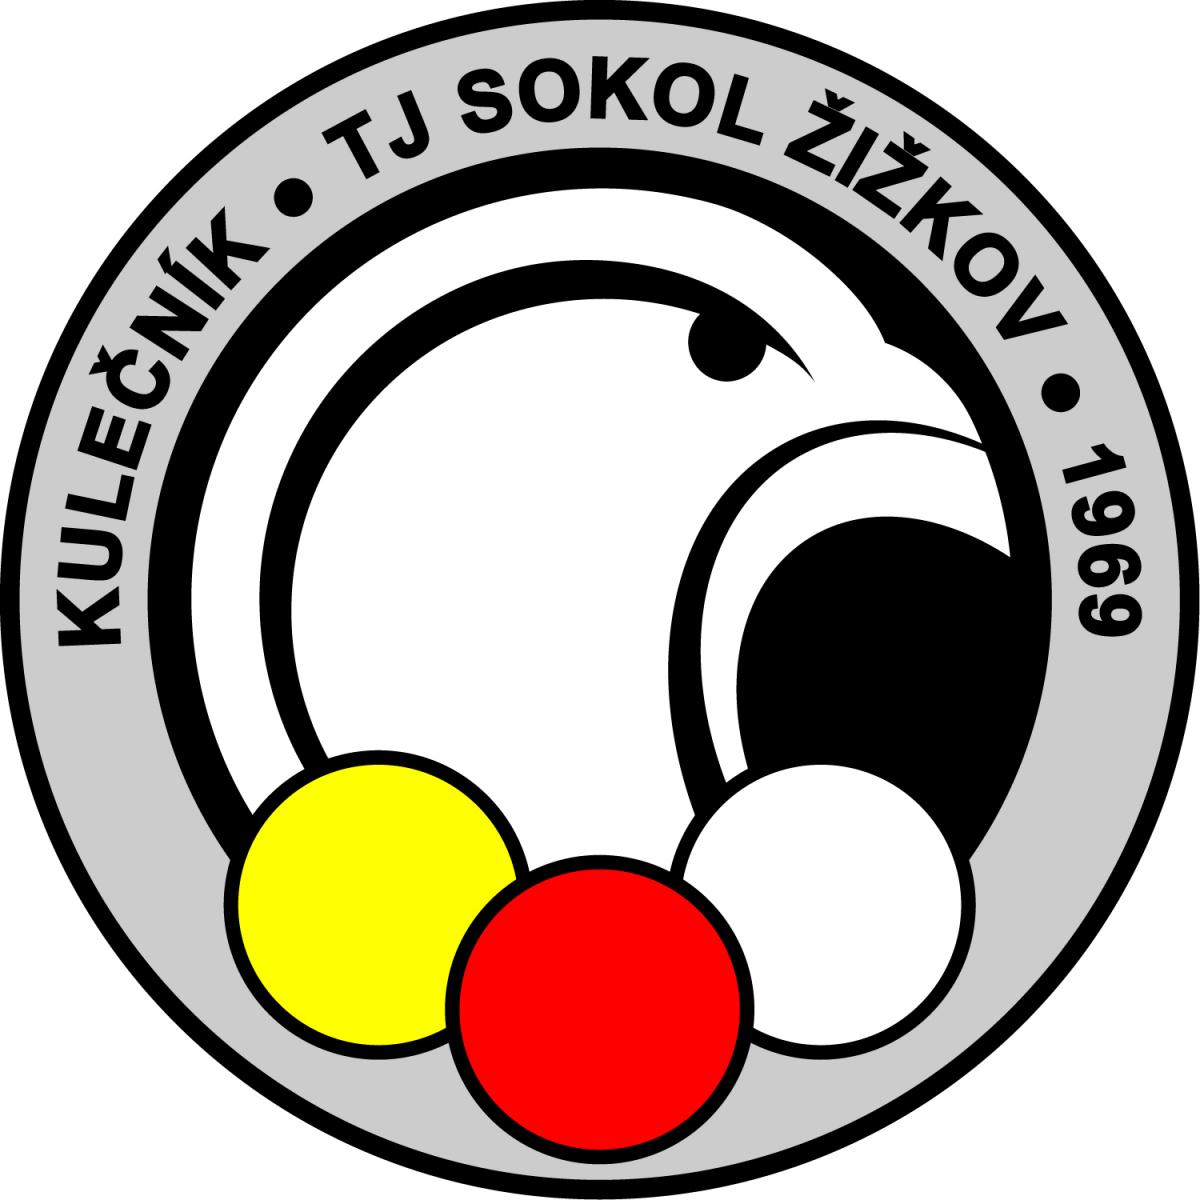 logo-kulecnik-zizkov_1